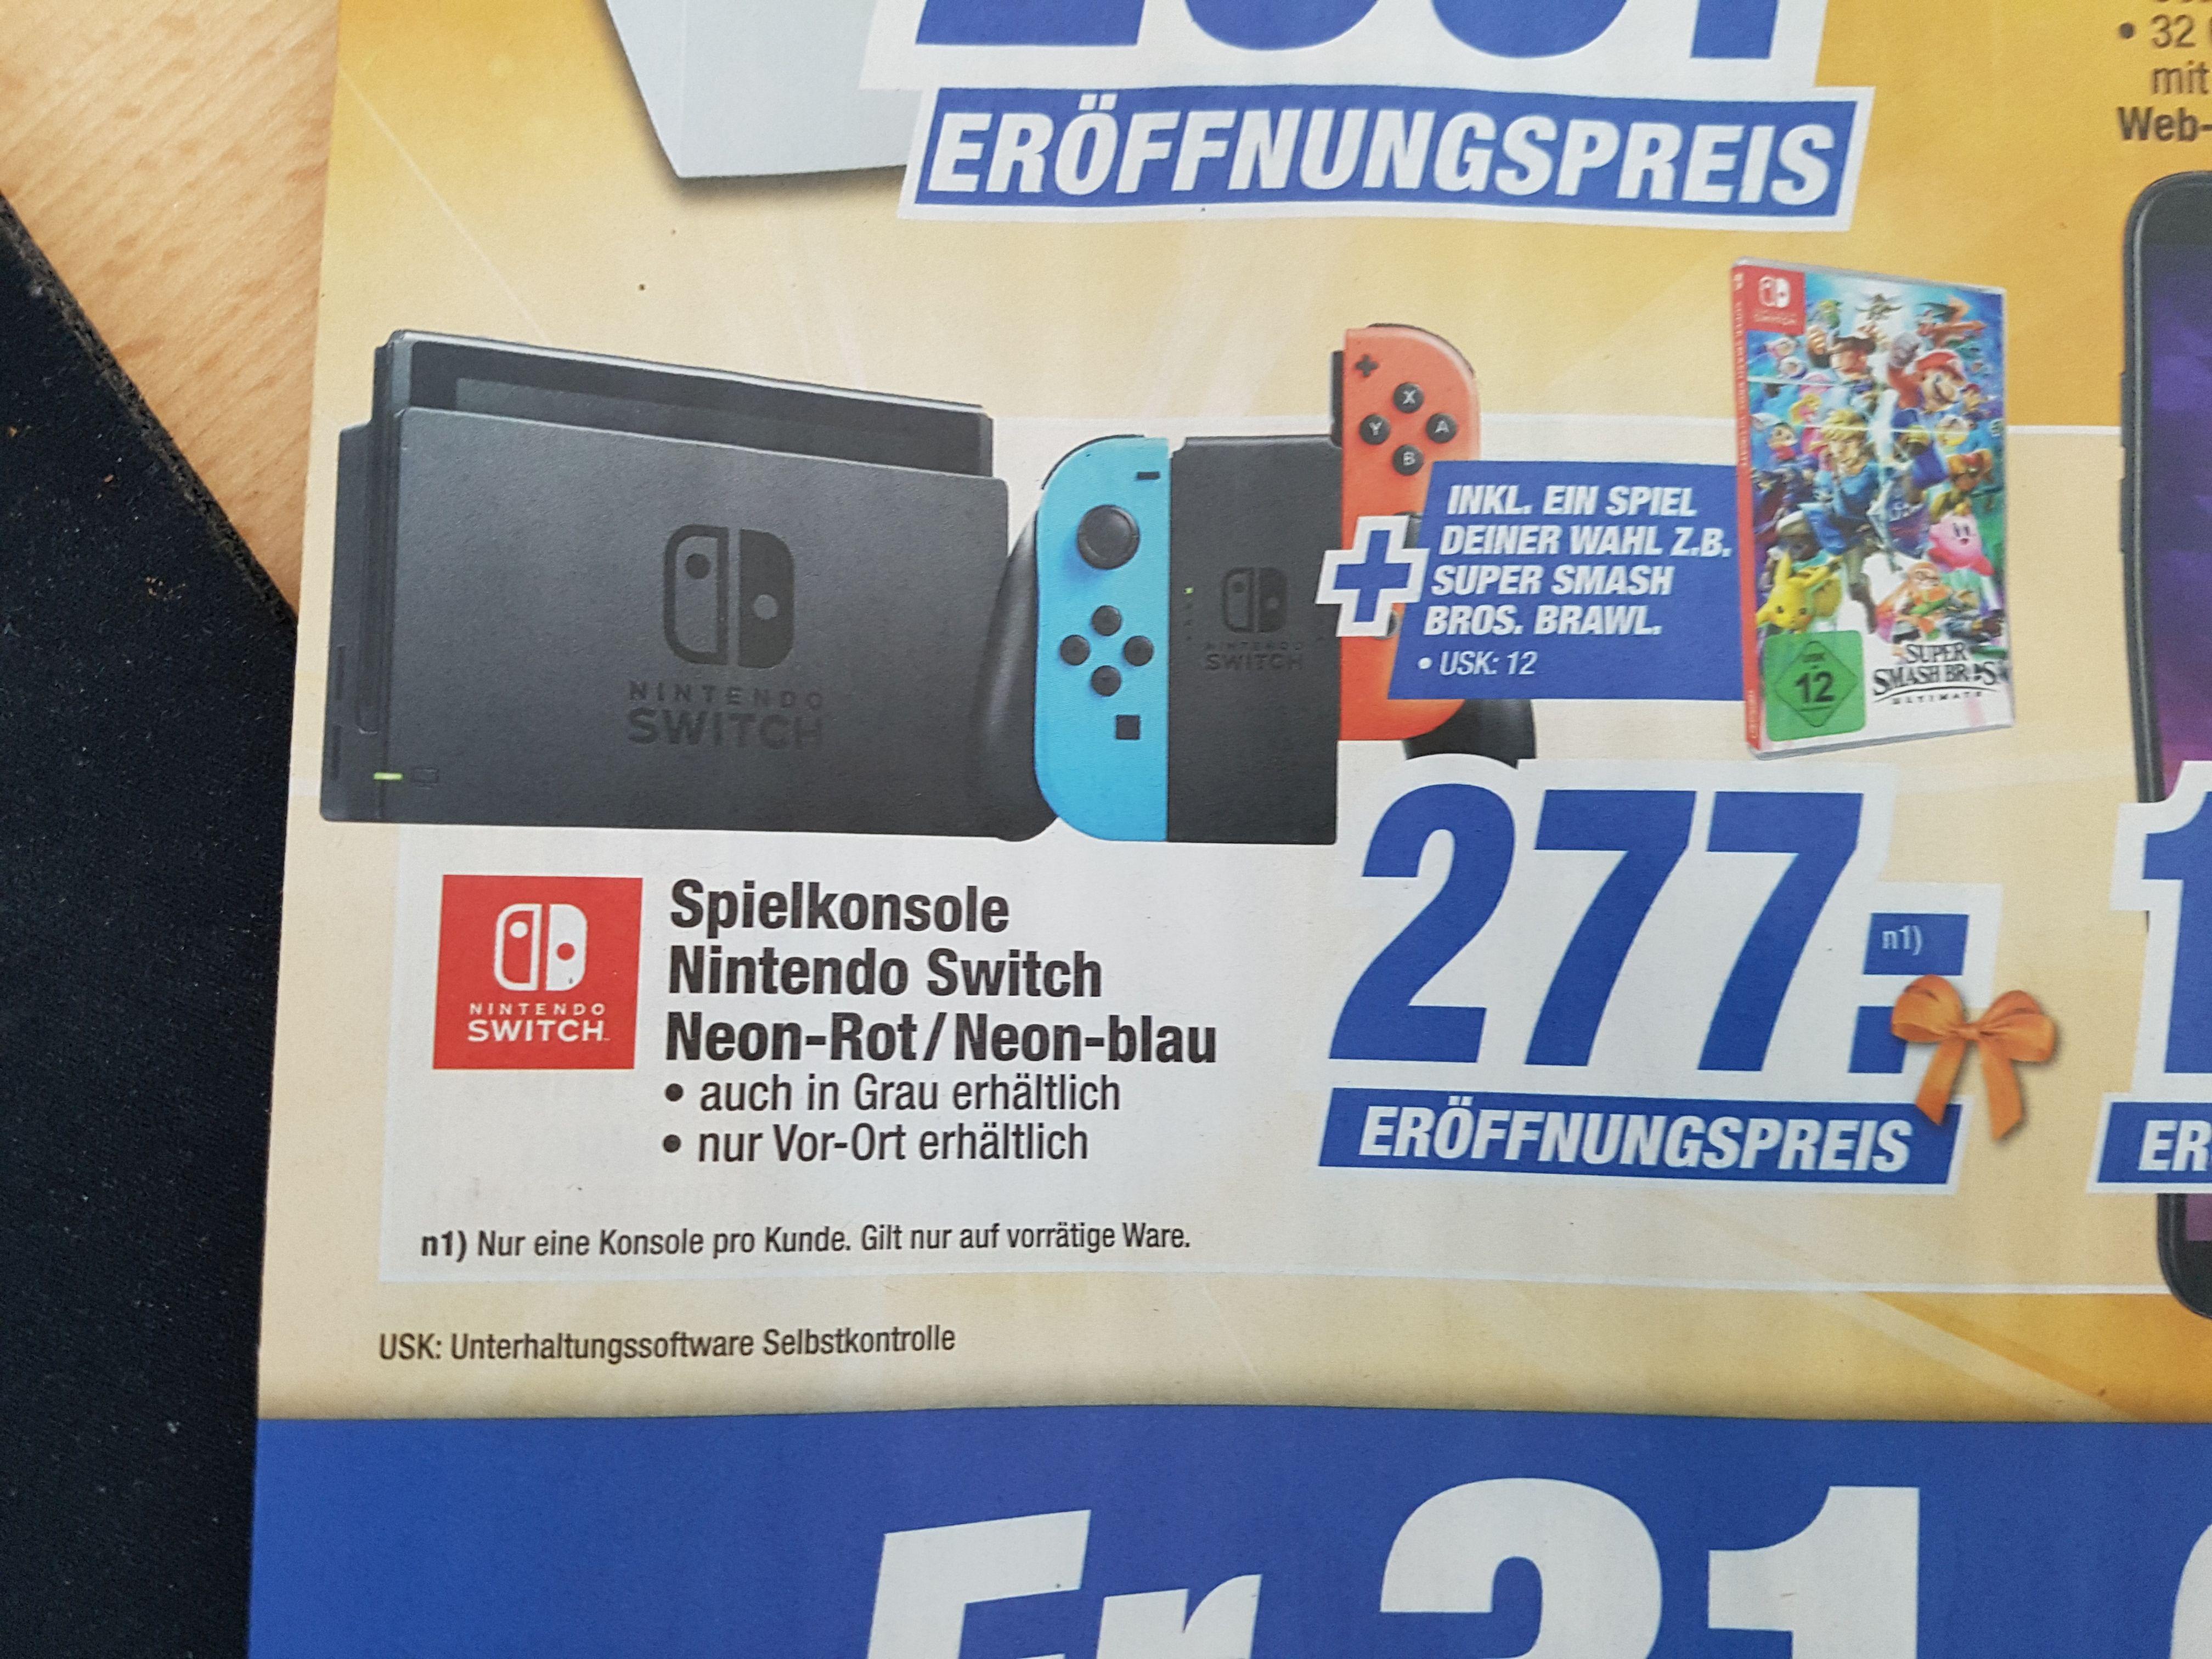 [Regional Expert Nienburg/Neustadt/Stadthagen ab 31.05] Nintendo Switch Konsole inc. 1xSpiel nach Wahl (ganzes Sortiment) für 277,-€